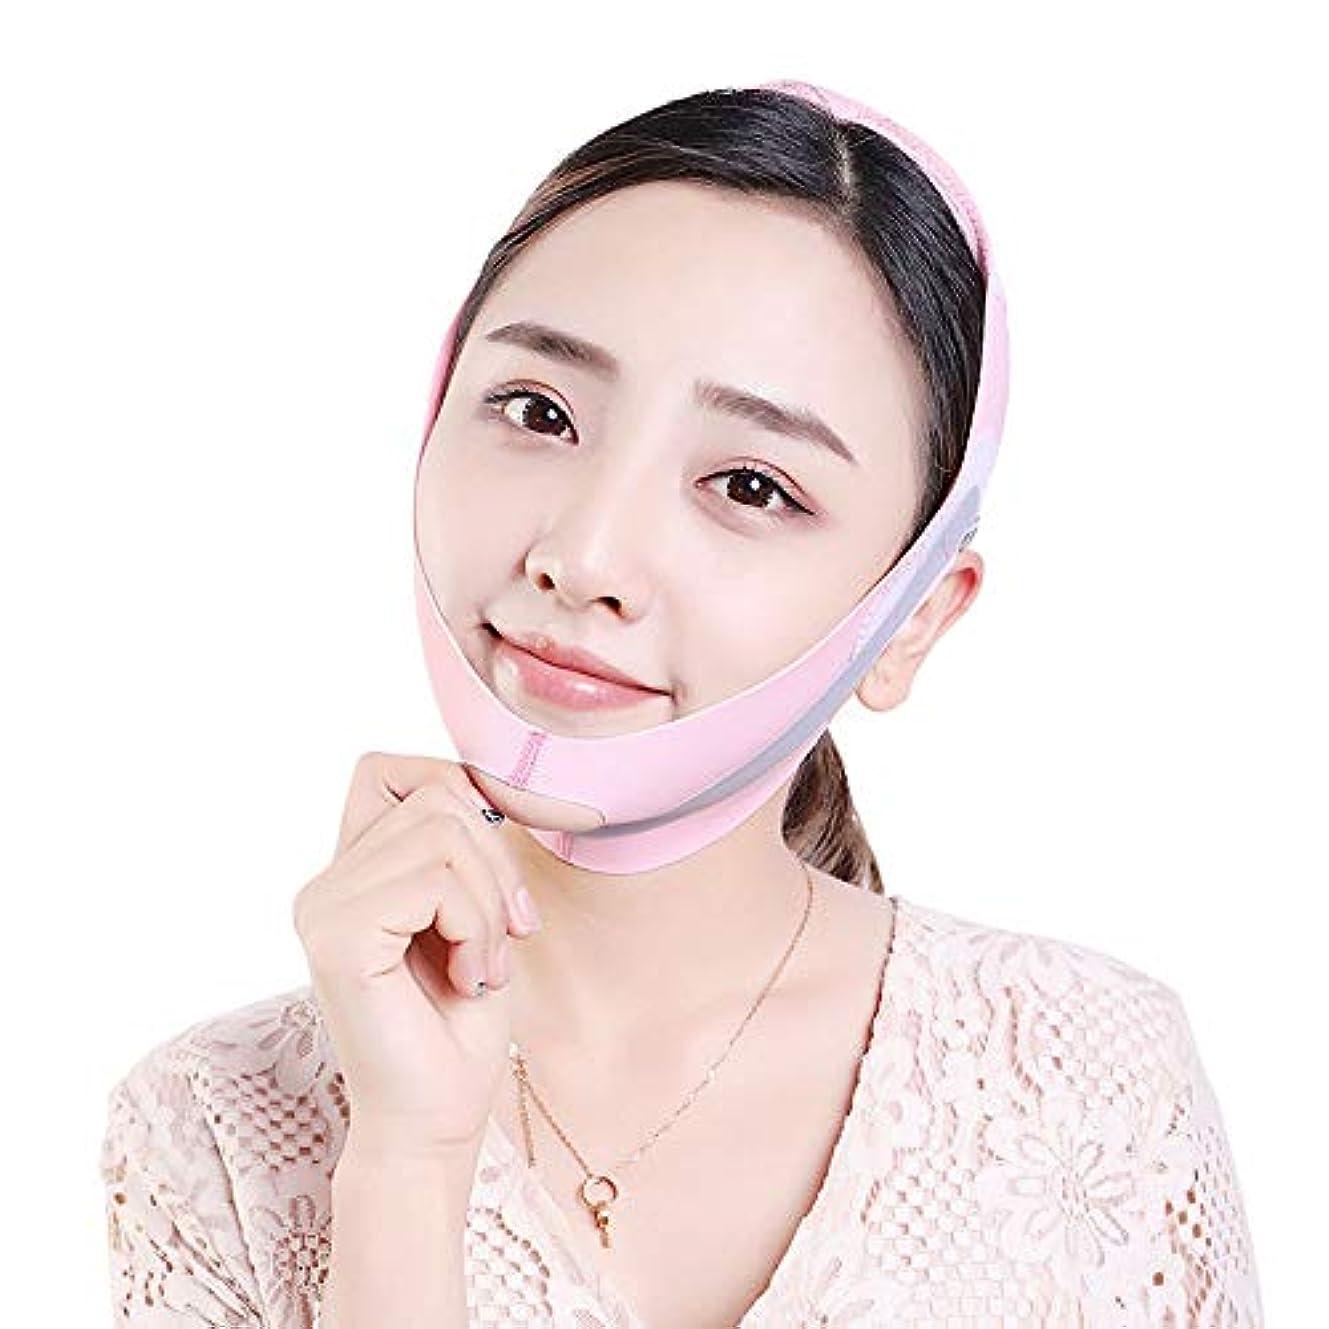 膜ペニー丘滑らかで フェイスマスク、Vフェイス包帯/リフティング咬筋収縮あご/ネックサポートリフトVフェイスベルト(ピンク)